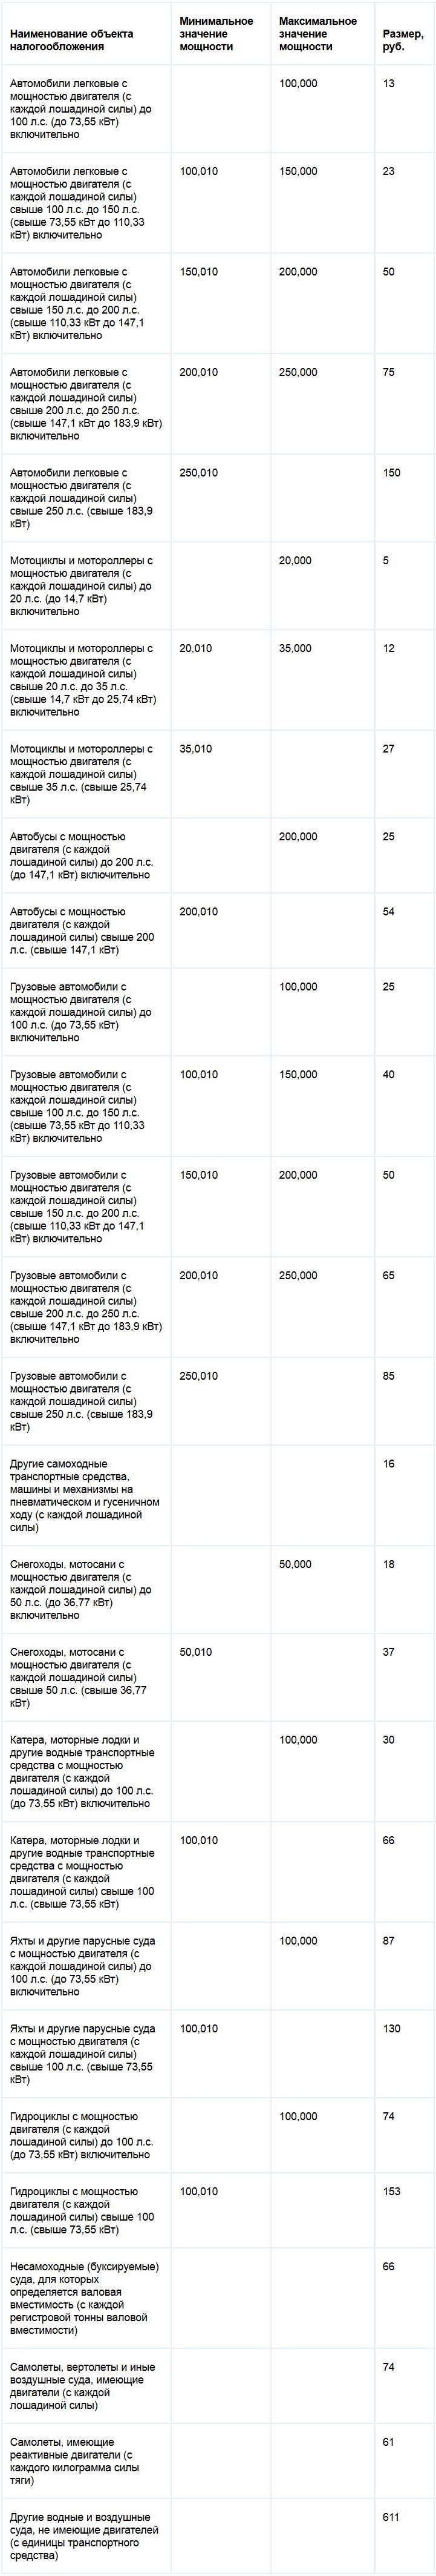 Ставки транспортного налога в бурятии 2015 выбор схемы доставки транспортная логистика